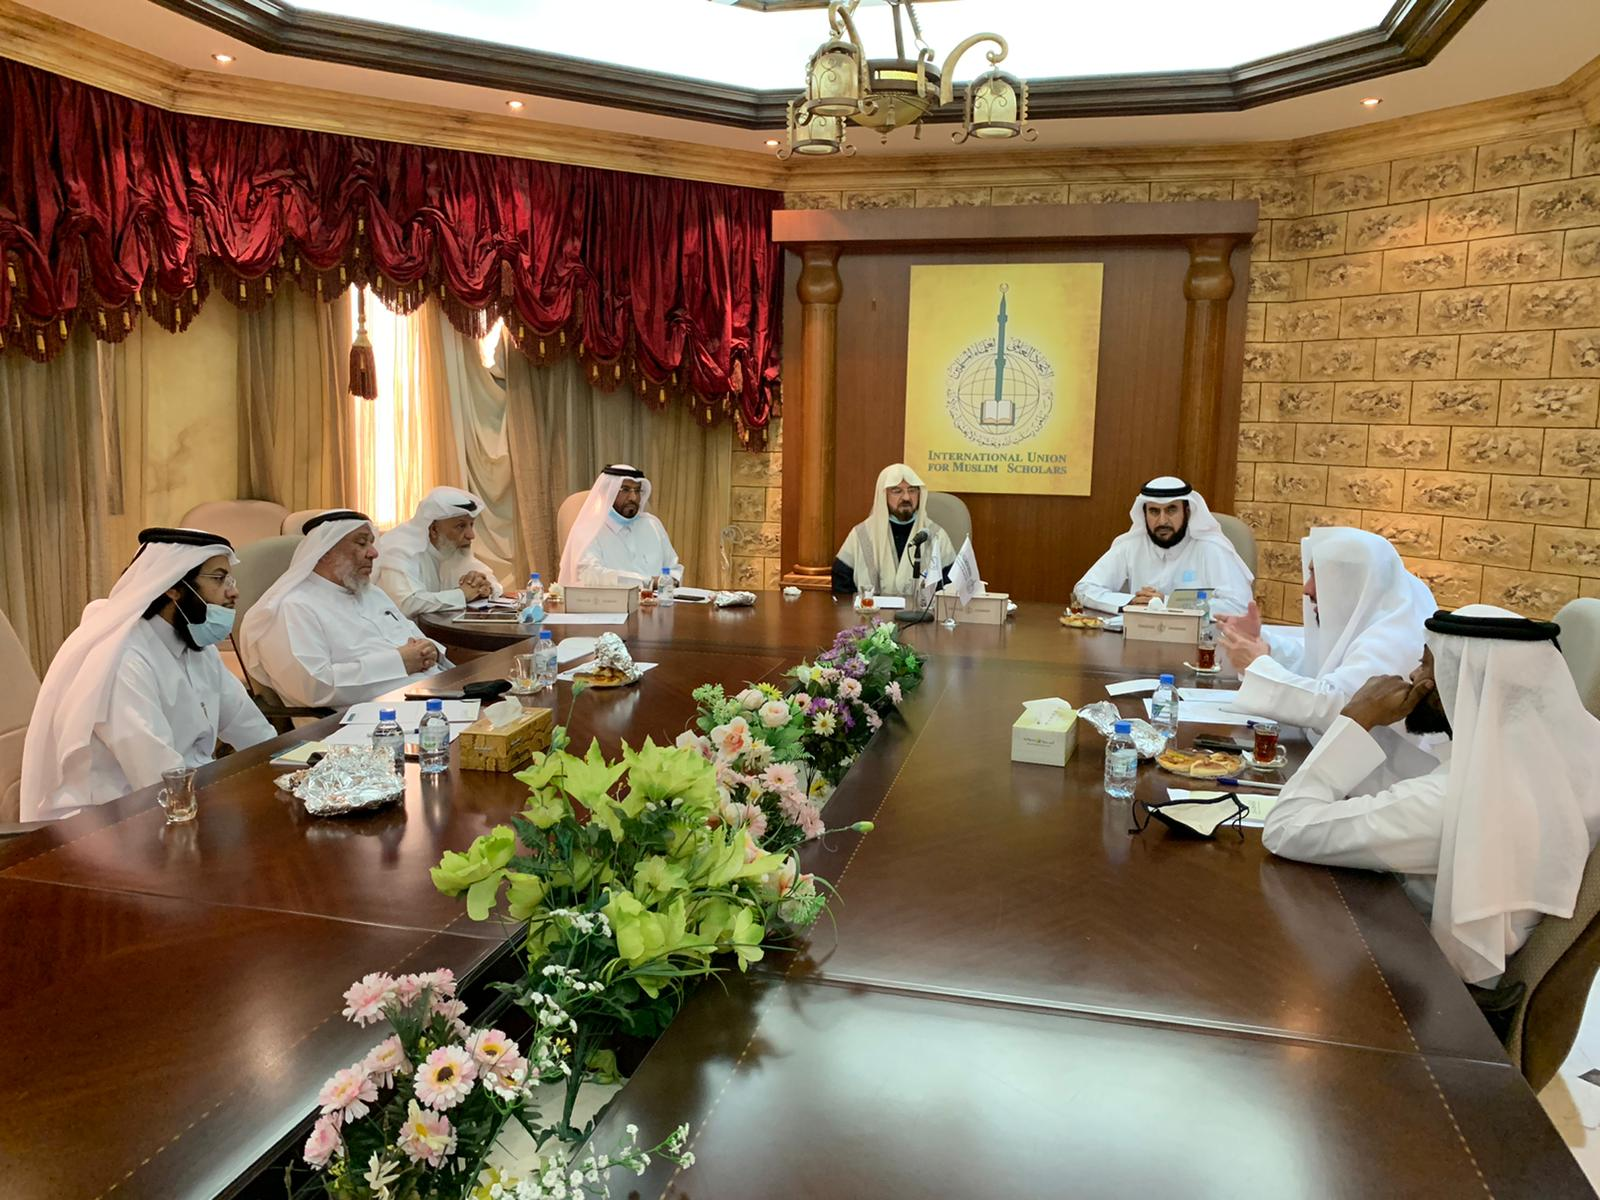 الأمين العام للاتحاد الشيخ الدكتور علي القره داغي يلتقي بفرع قطر